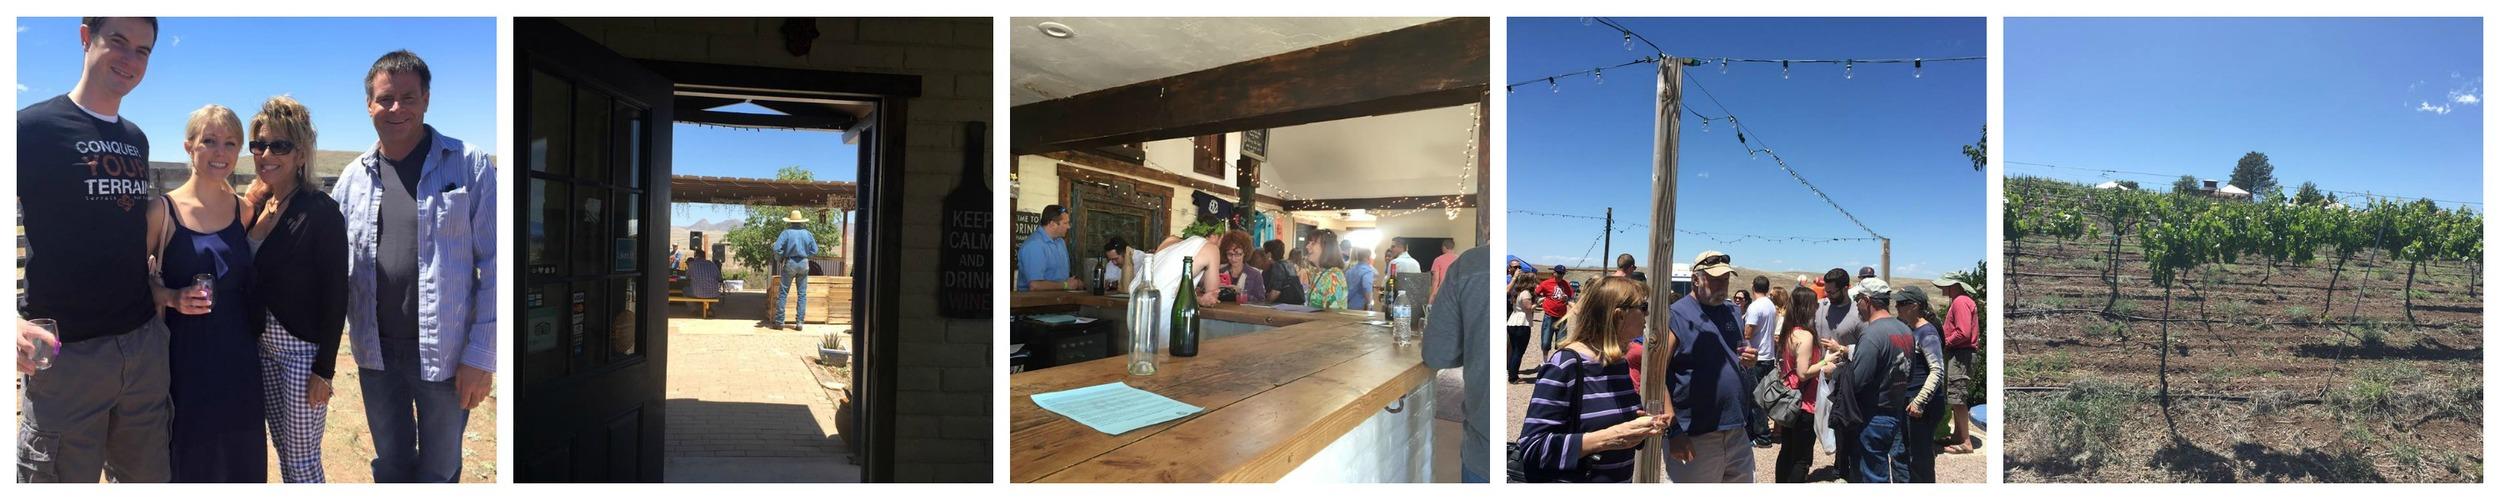 2015 AZ Hops and Vines Festival | FitCakery.com